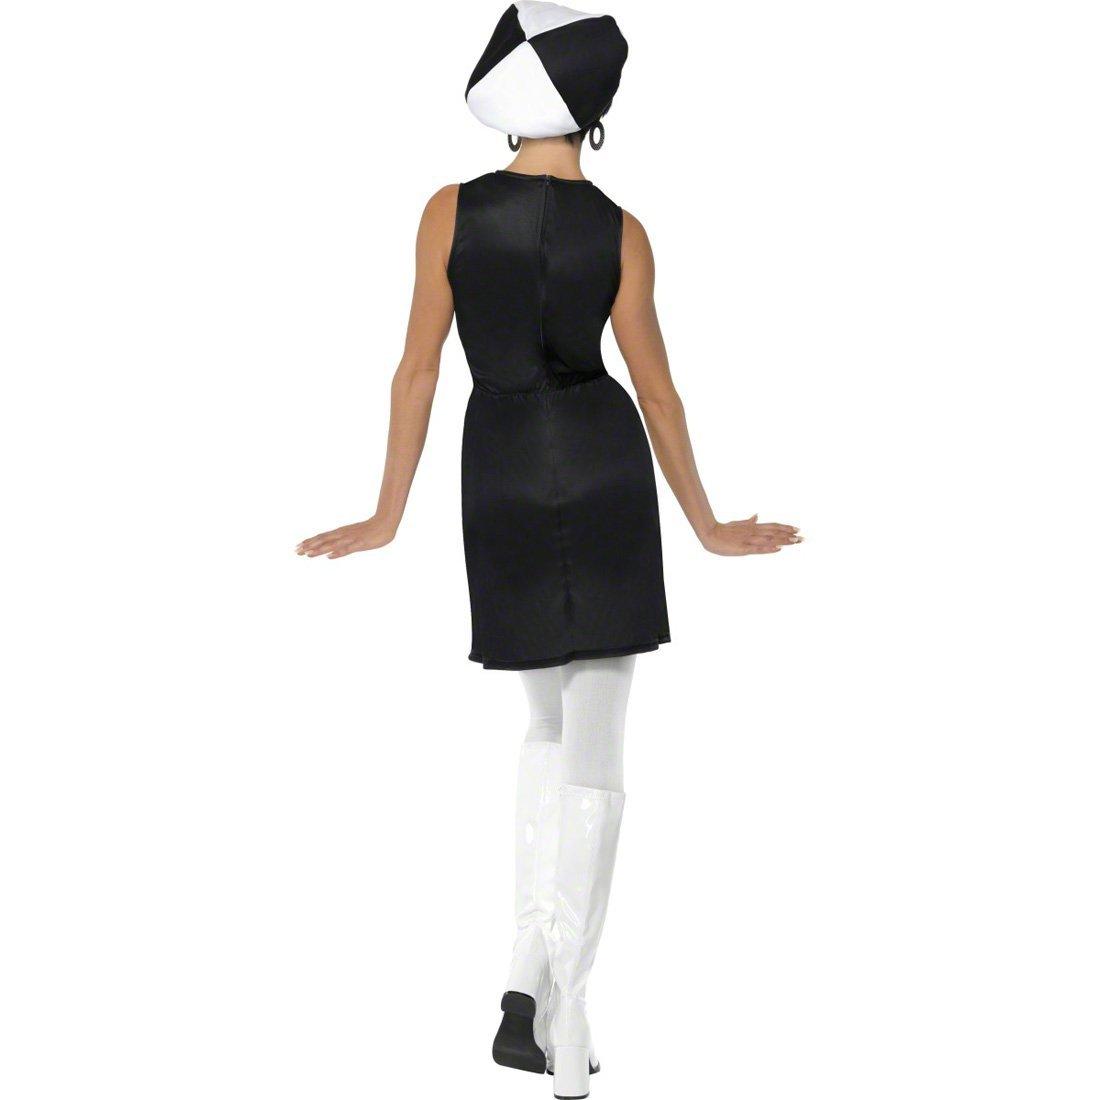 Party Girl Outfit Sechziger Jahre Kostüm Kleid Damenkostüm weiß schwarz M 40//42